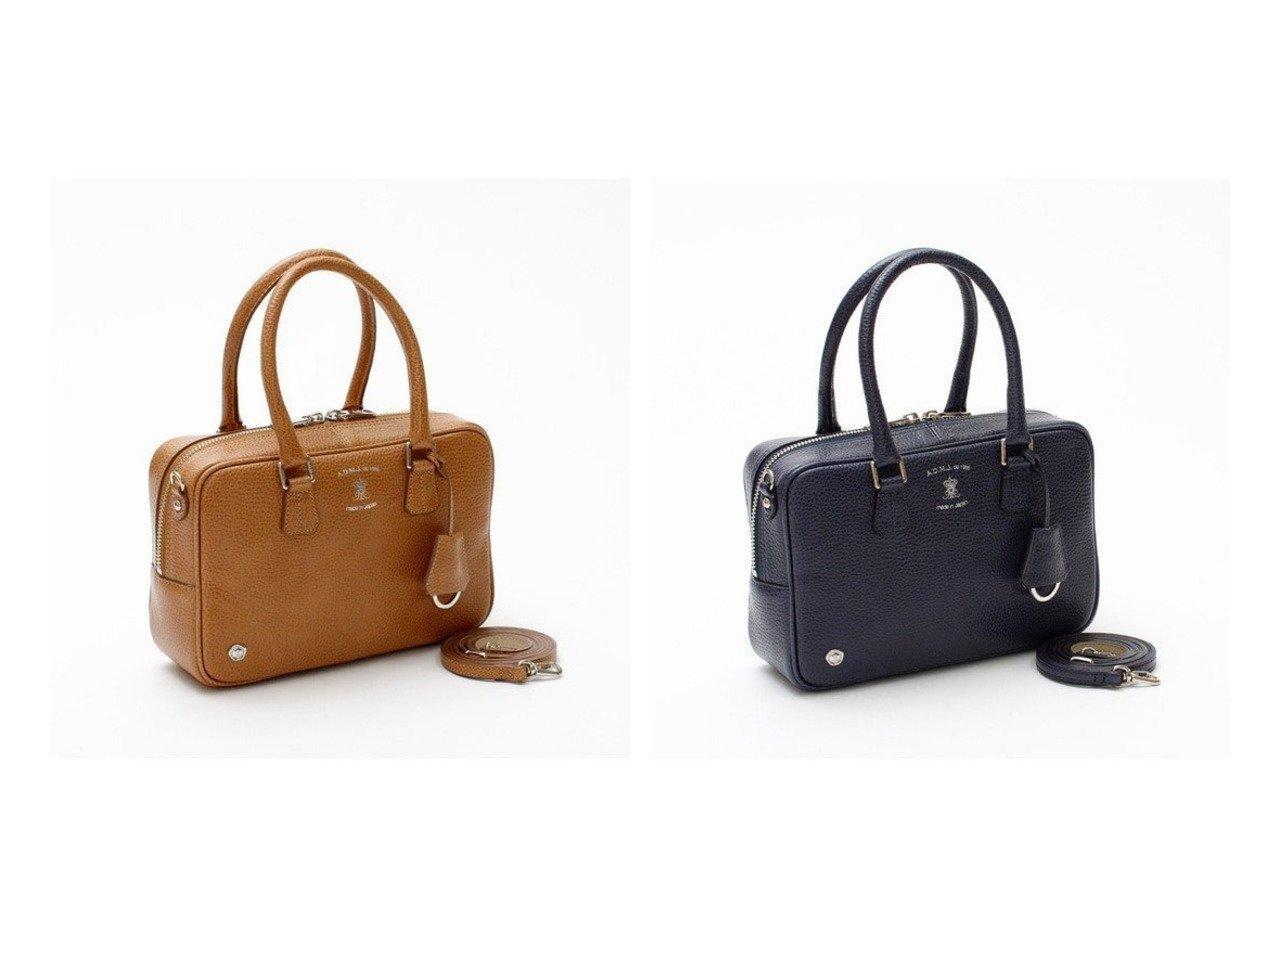 【A.D.M.J/アクセソワドゥマドモワゼルジャップ】のBOXLUX 23cm BOSTON BAG バッグのおすすめ!人気、レディースファッションの通販 おすすめで人気のファッション通販商品 インテリア・家具・キッズファッション・メンズファッション・レディースファッション・服の通販 founy(ファニー) https://founy.com/ ファッション Fashion レディース WOMEN バッグ Bag イタリア ショルダー シンプル ダブル 定番 ボストン ボックス |ID:crp329100000002766